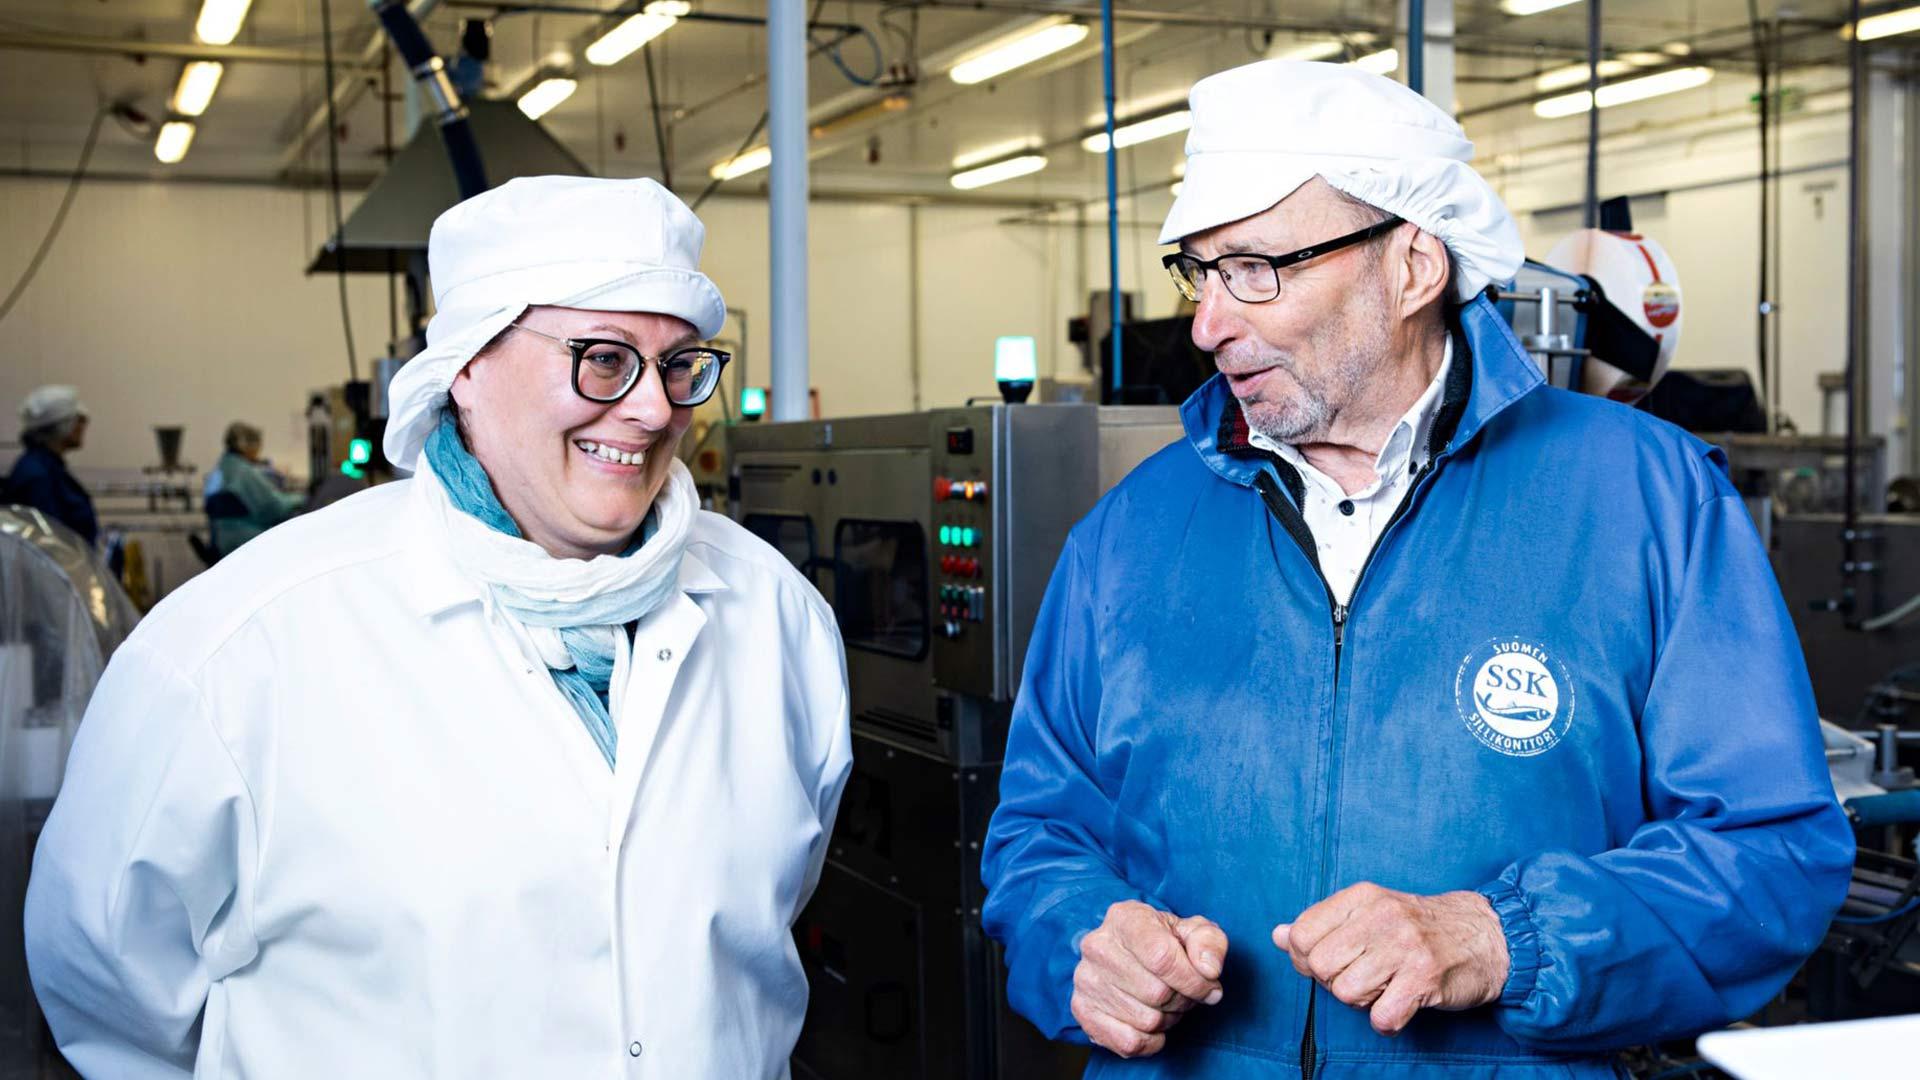 Tehtaanjohtaja Minna Rajala ja Sillikeisari Matti Ruuska ovat työskennelleet yhdessä vuodesta 1998.